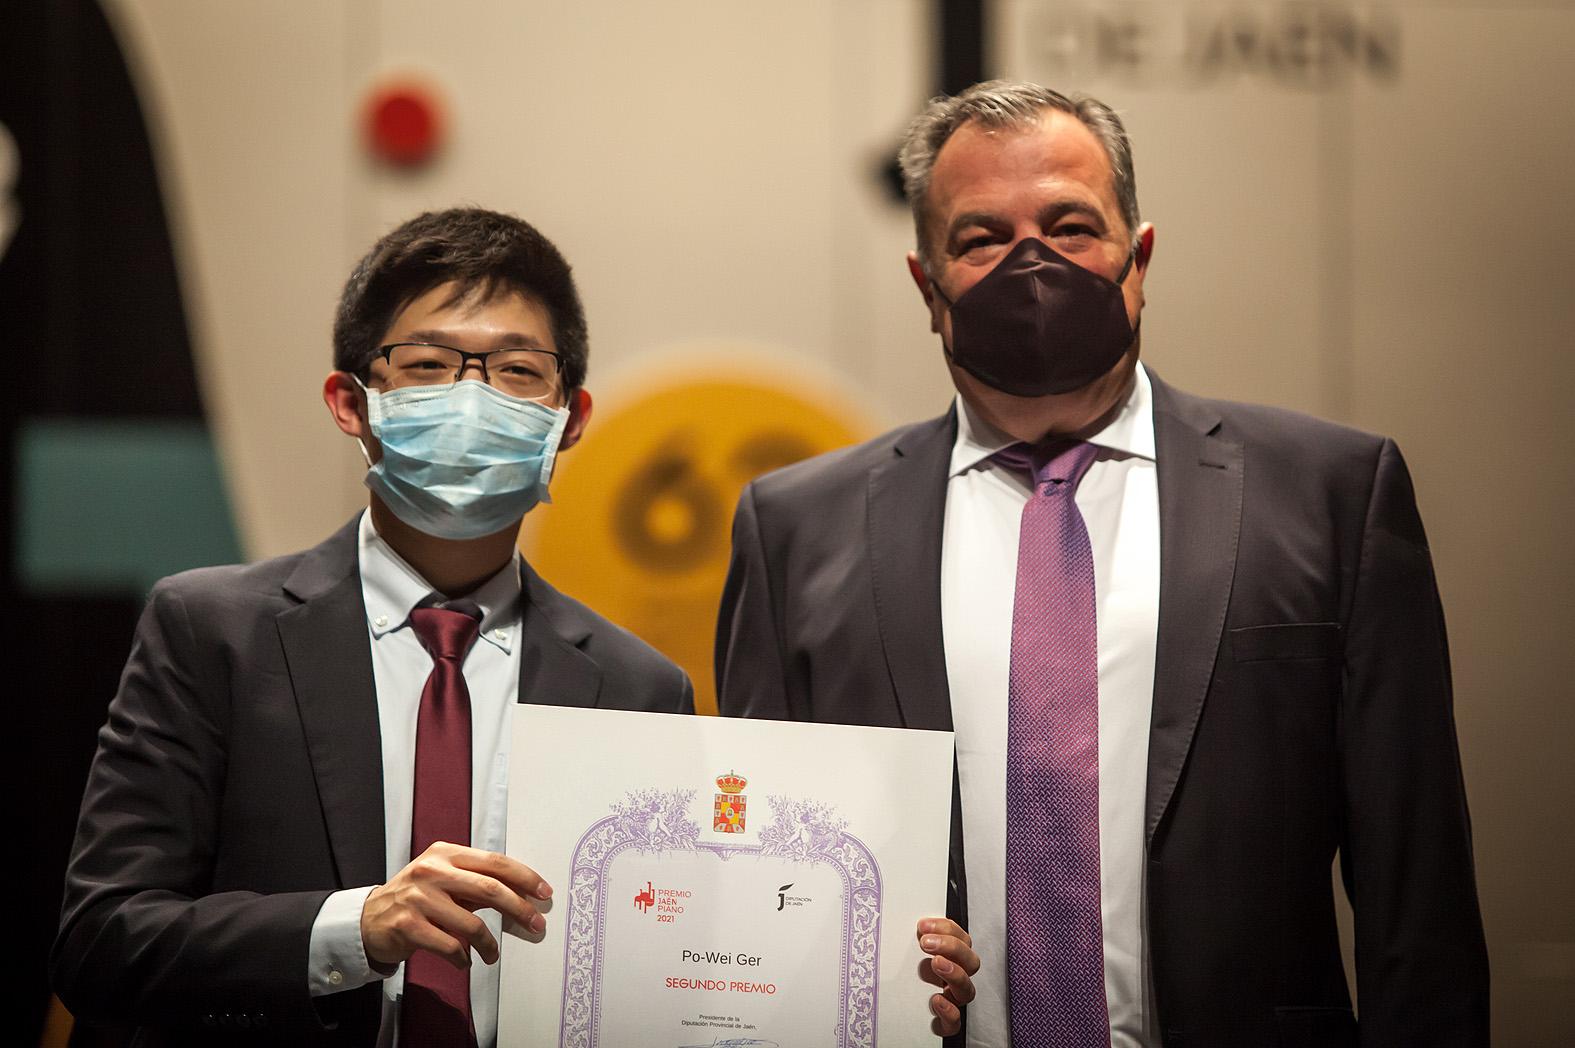 2º premio / Po-Wei Ger